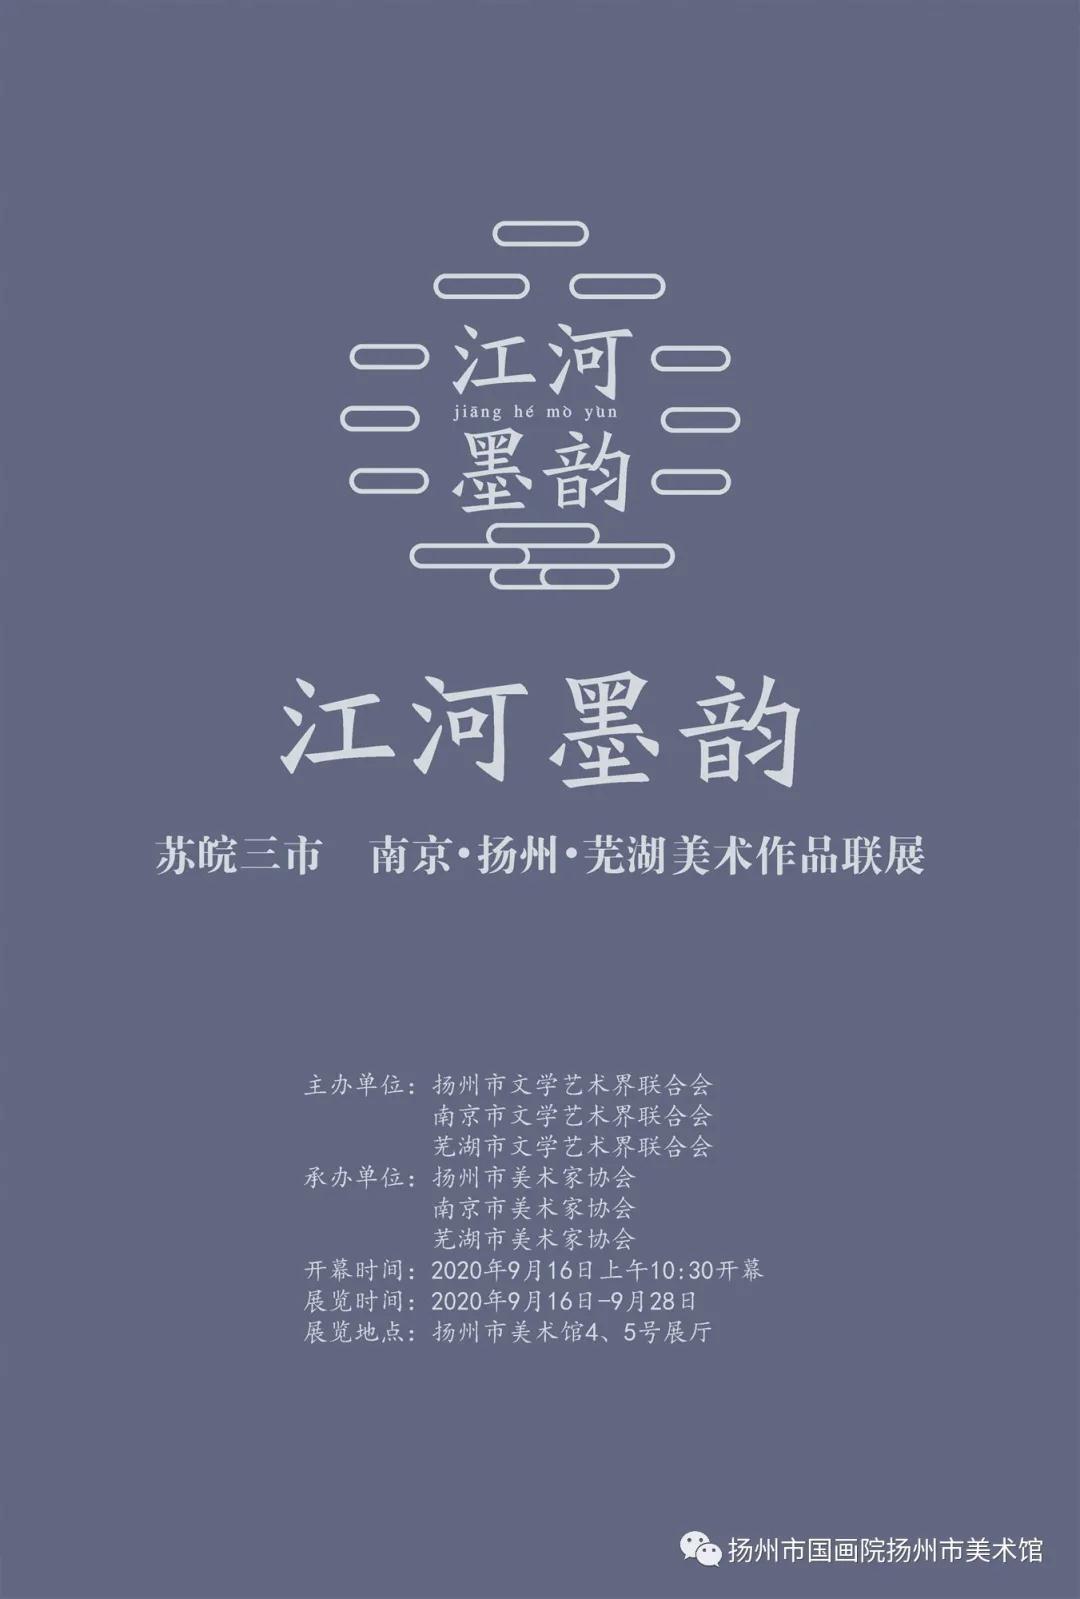 展讯:江河墨韵——苏皖三市 南京 · 扬州 · 芜湖美术作品联展